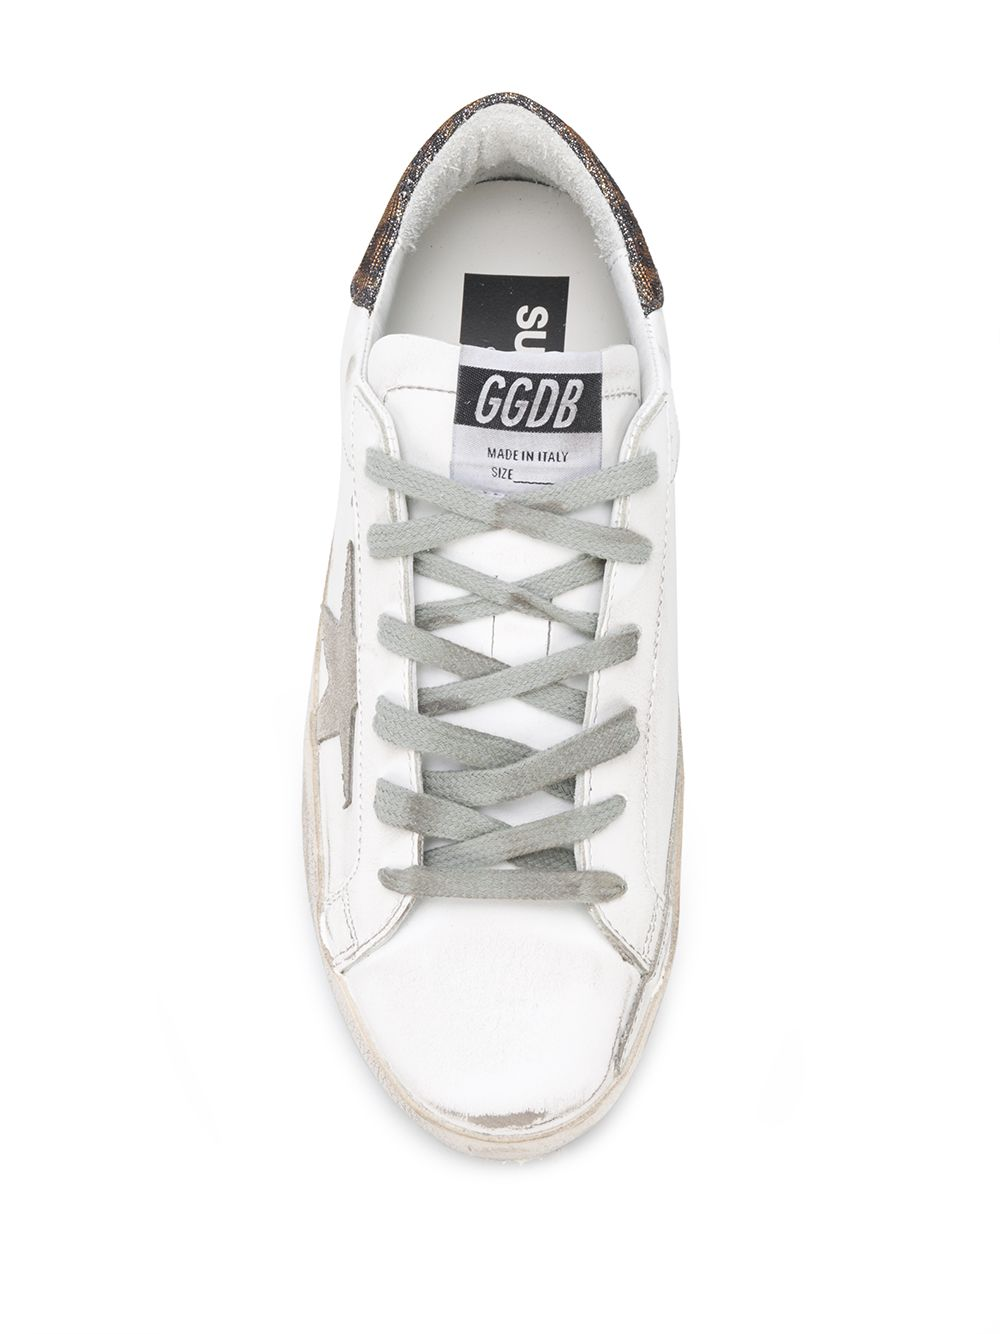 Picture of Golden Goose Deluxe Brand | Superstar Sneakers